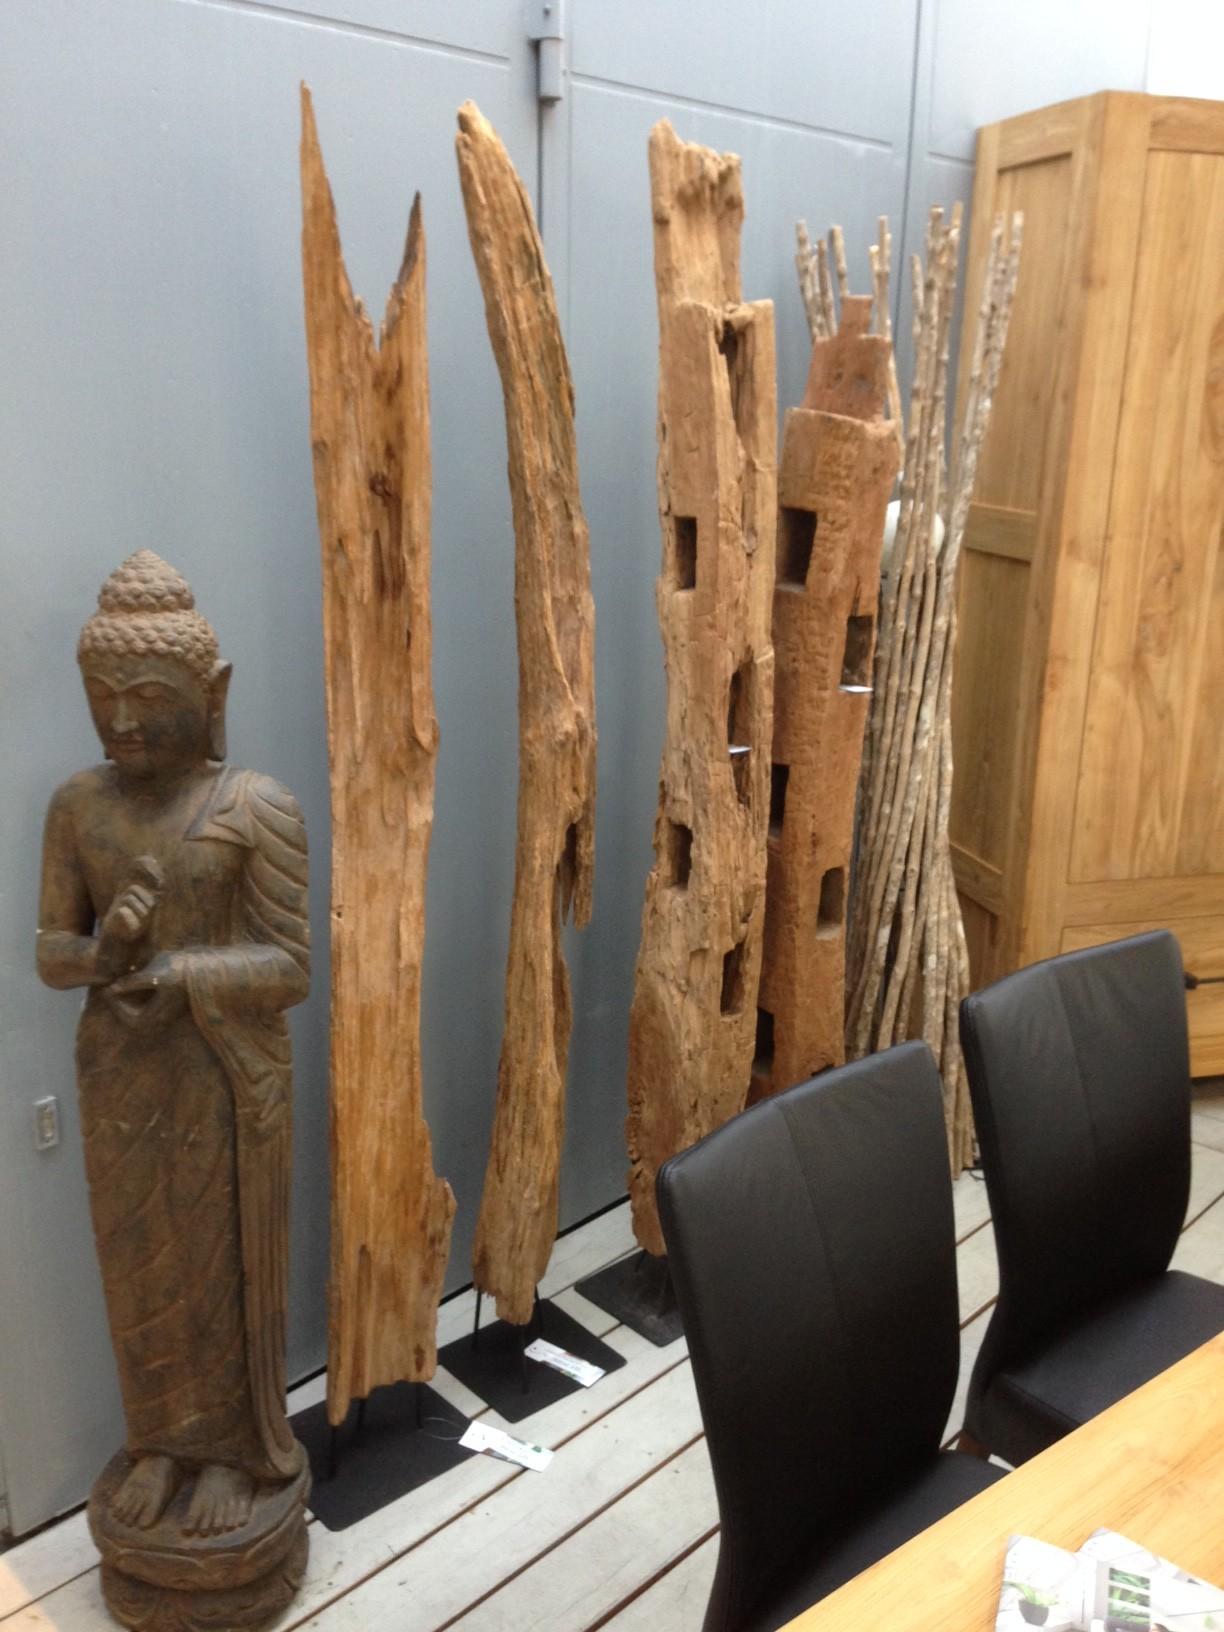 Neu Gerade Eingetroffen Teakbume Schsseln Holzskulpturen